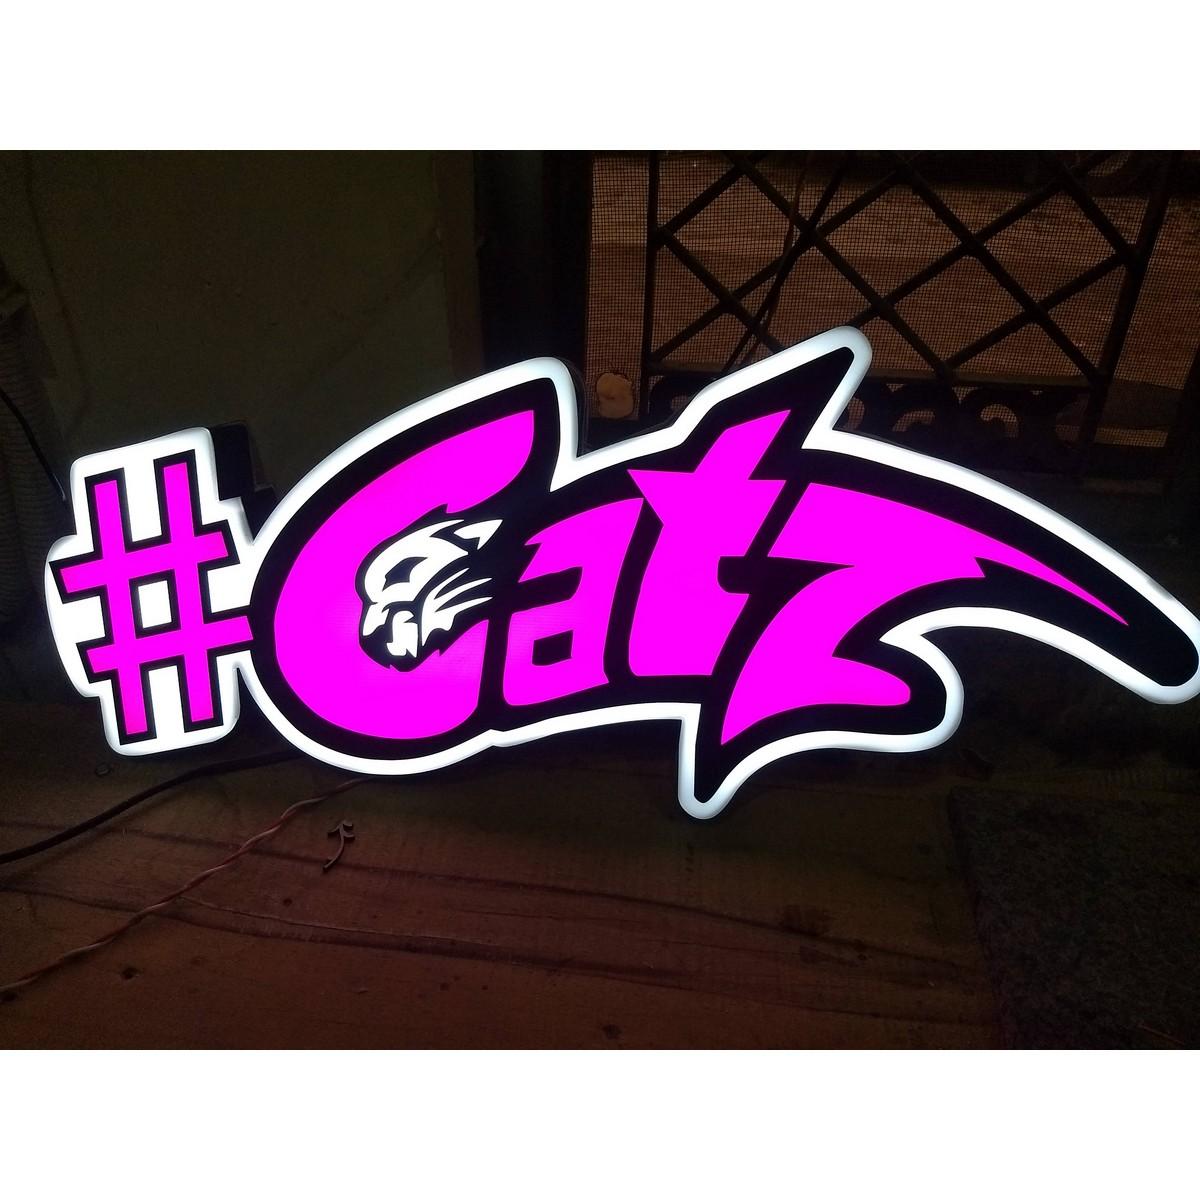 Catz LED Logo  Customizable  LED Logo  Customizable